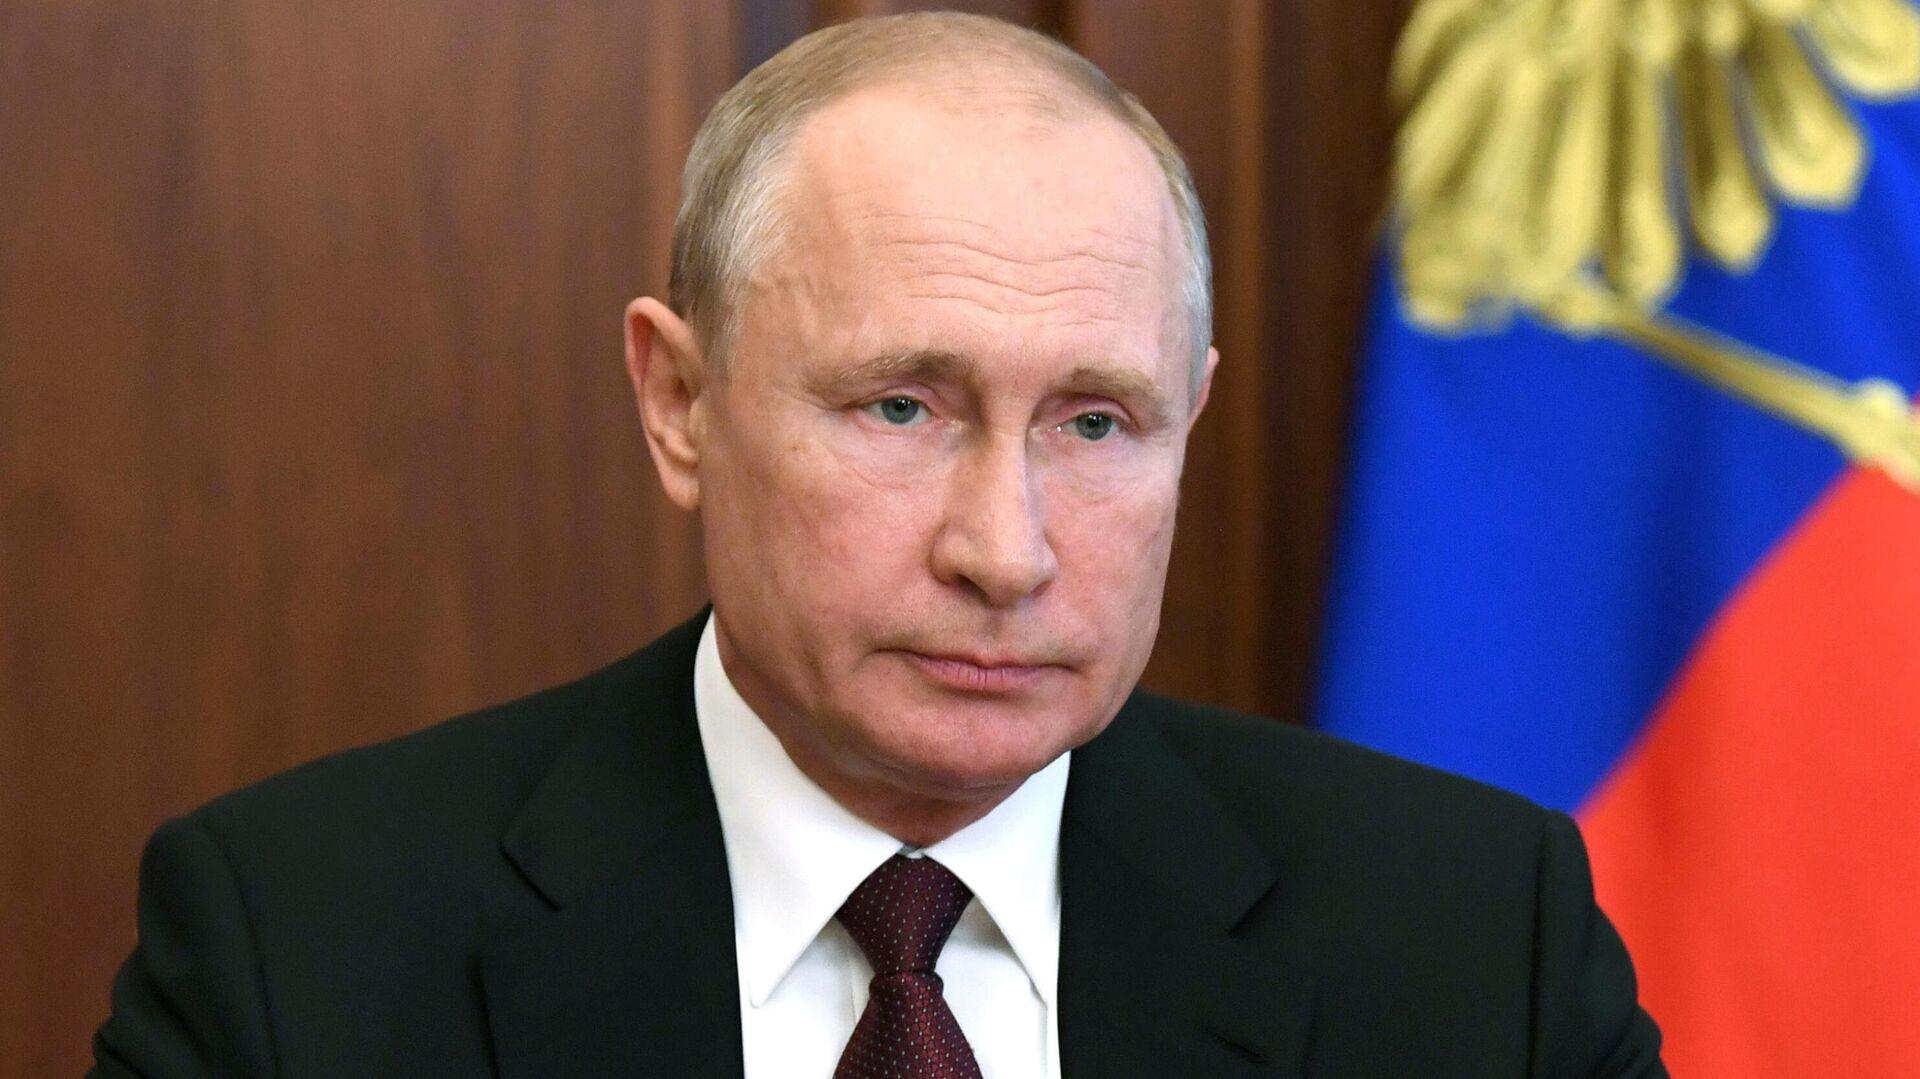 Президент России Владимир Путин во время обращения к гражданам России - РИА Новости, 1920, 25.06.2020